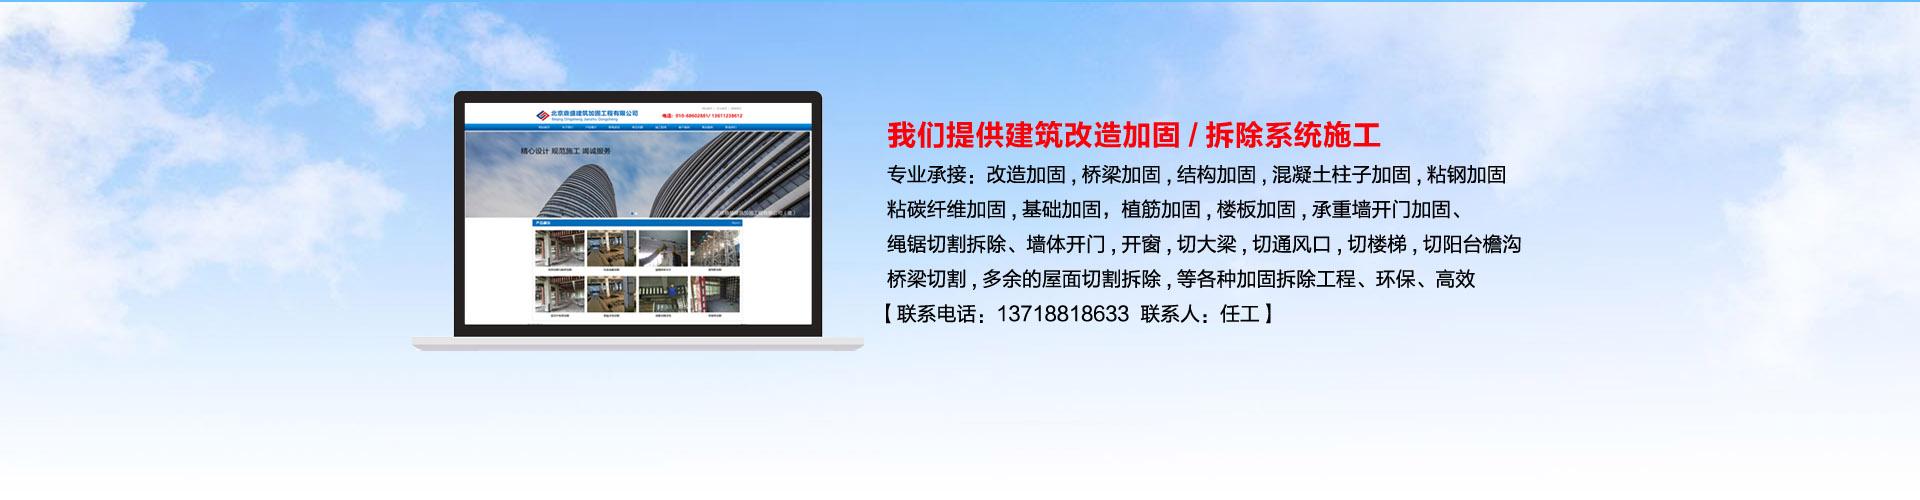 北京加固公司